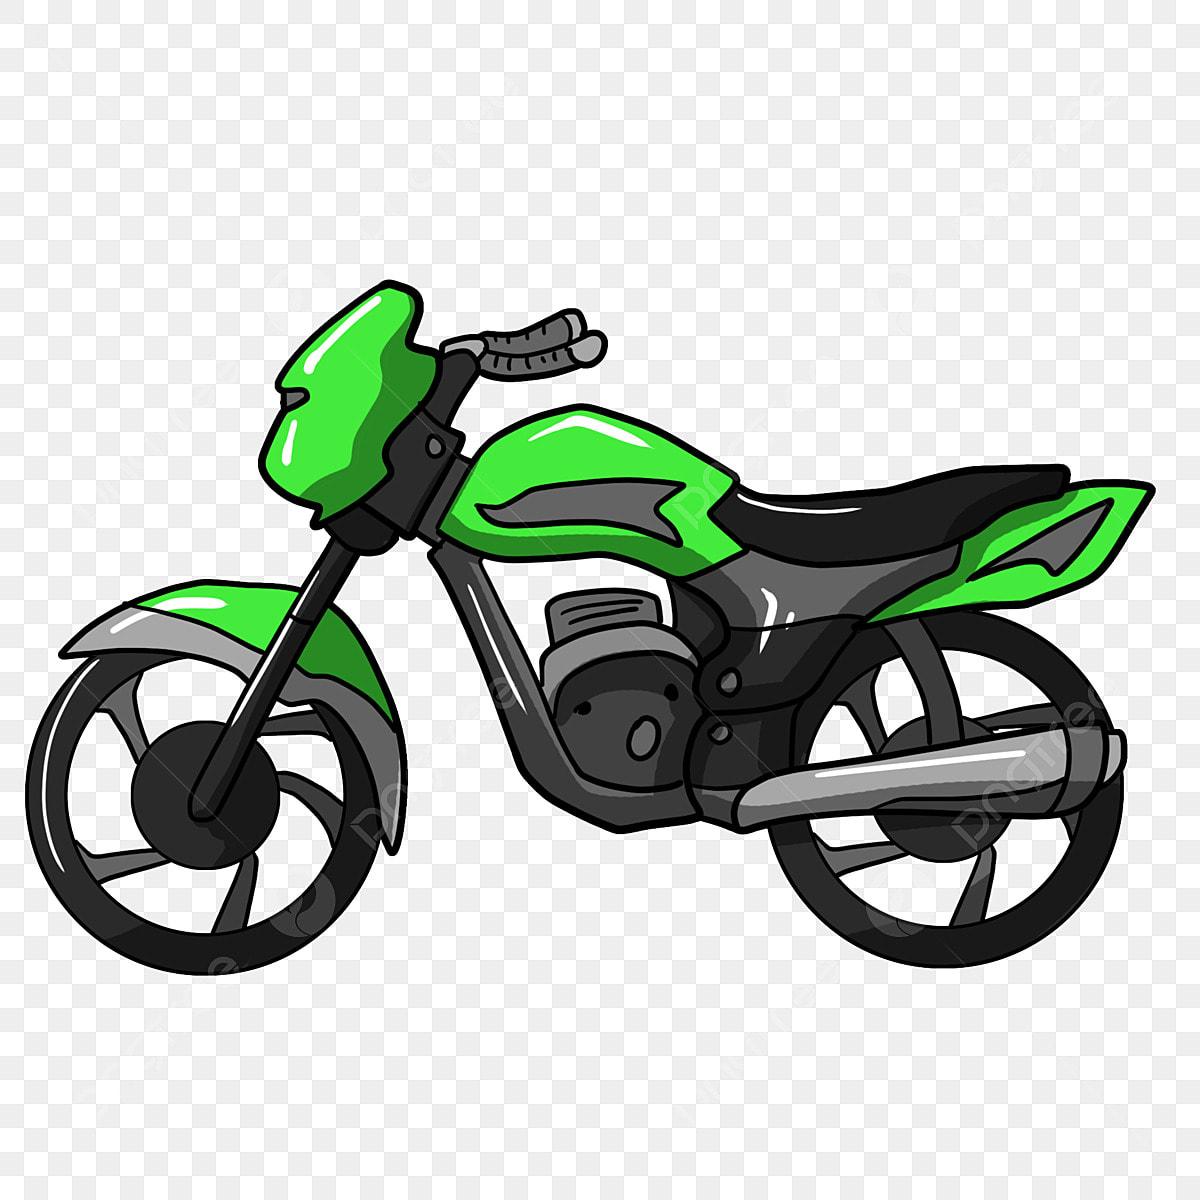 Desenhos Vetorizados Tema Autos No Elo7 Joao Caricaturas E